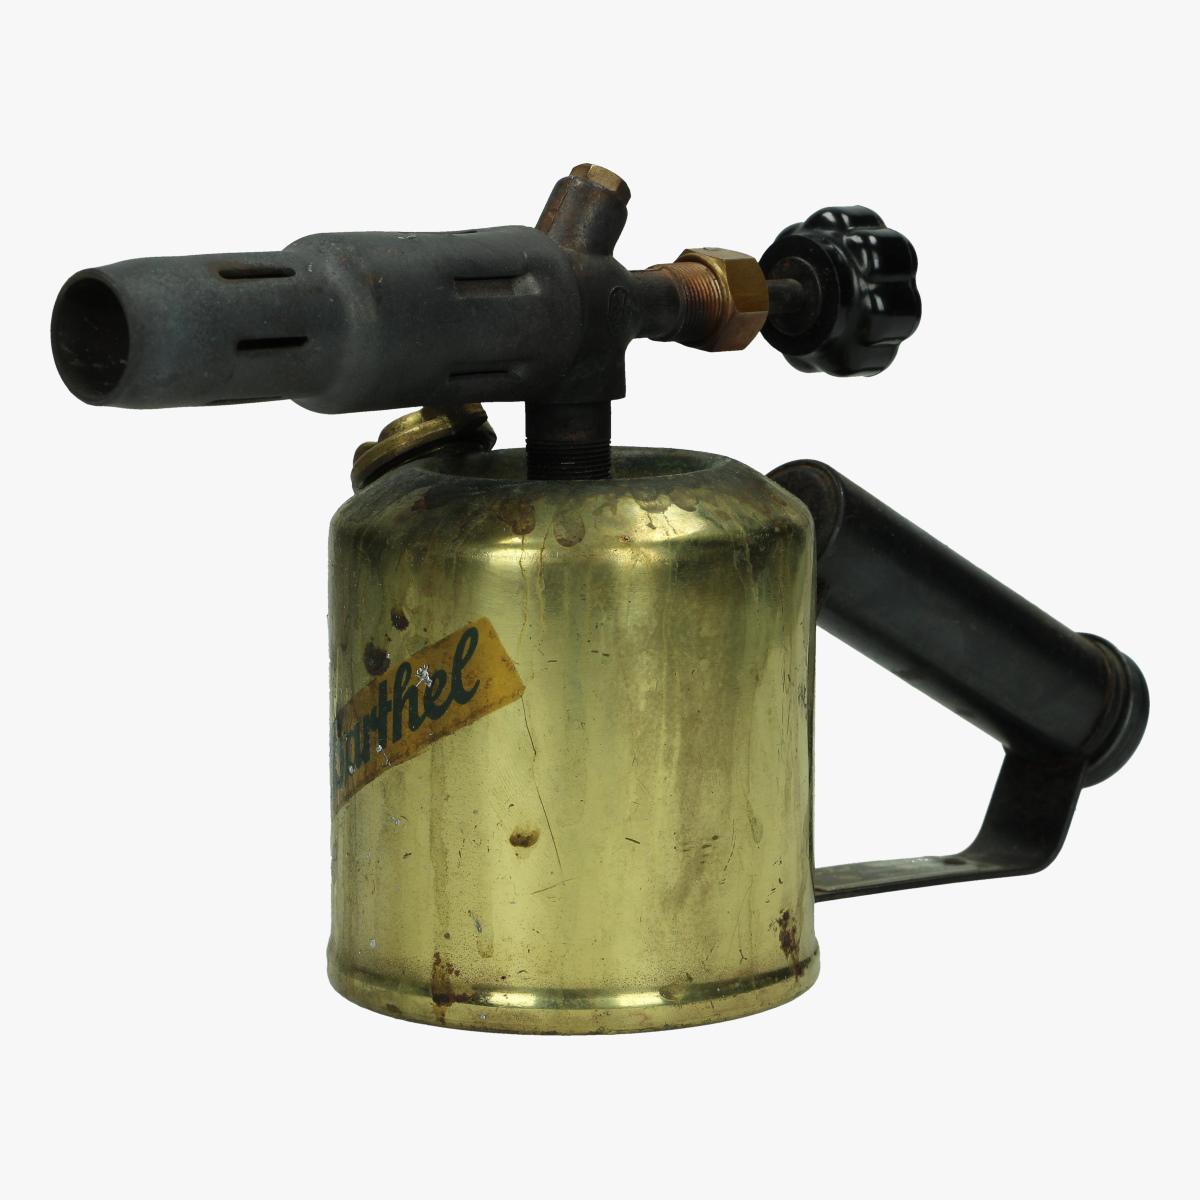 Afbeeldingen van oude gasbrander made in germany 1970 barthel